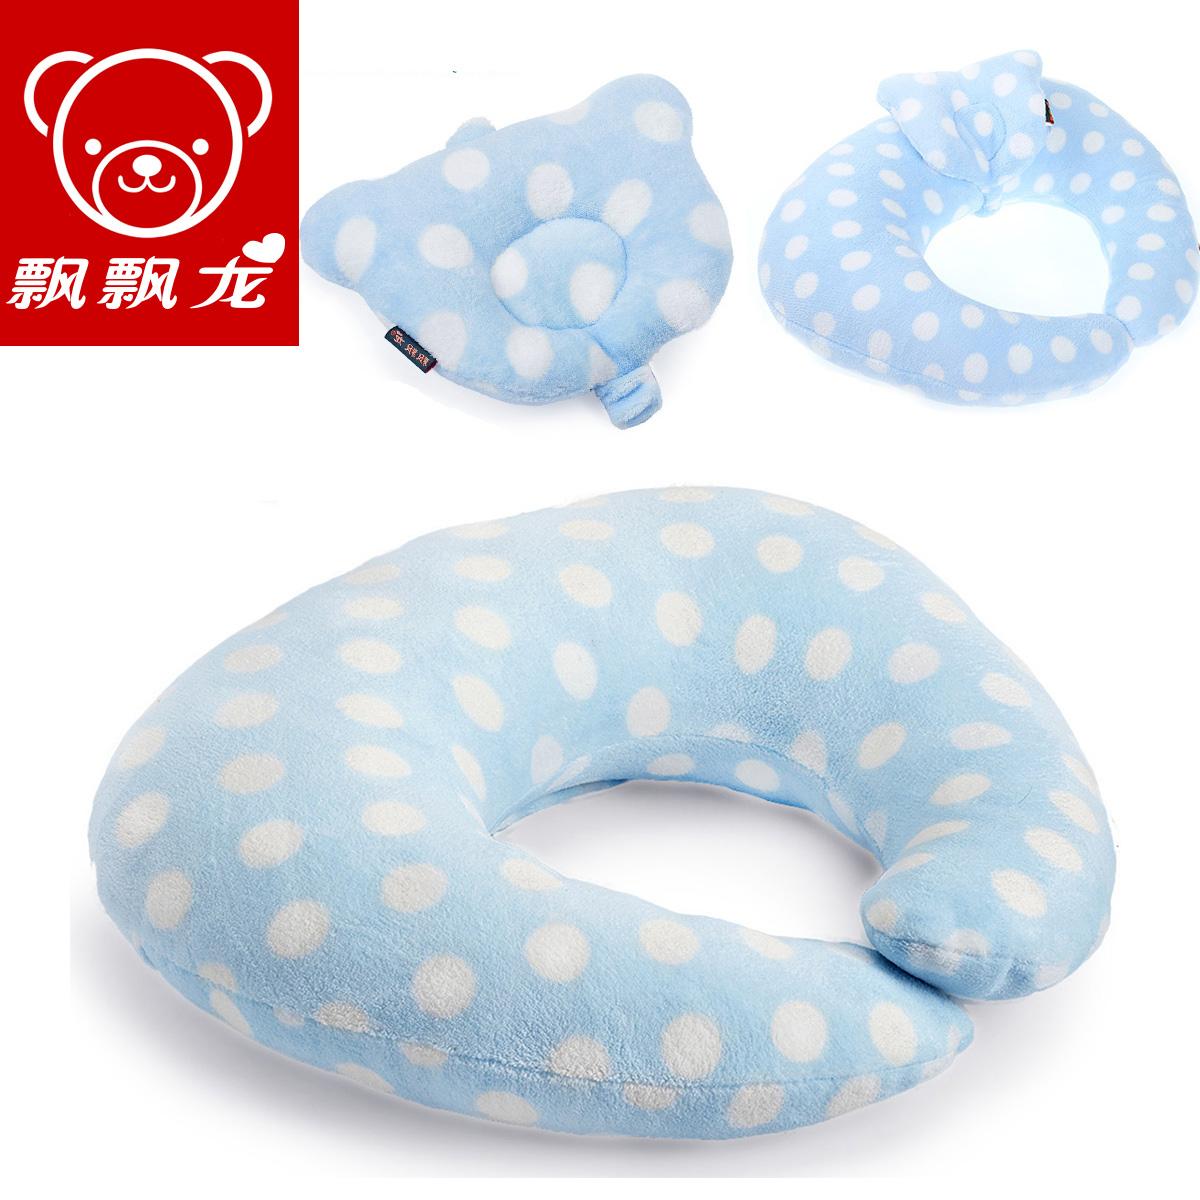 【飘飘龙_喂奶枕头】 毛绒玩具婴儿哺乳枕头宝宝授乳枕孕妇喂奶垫5元优惠券